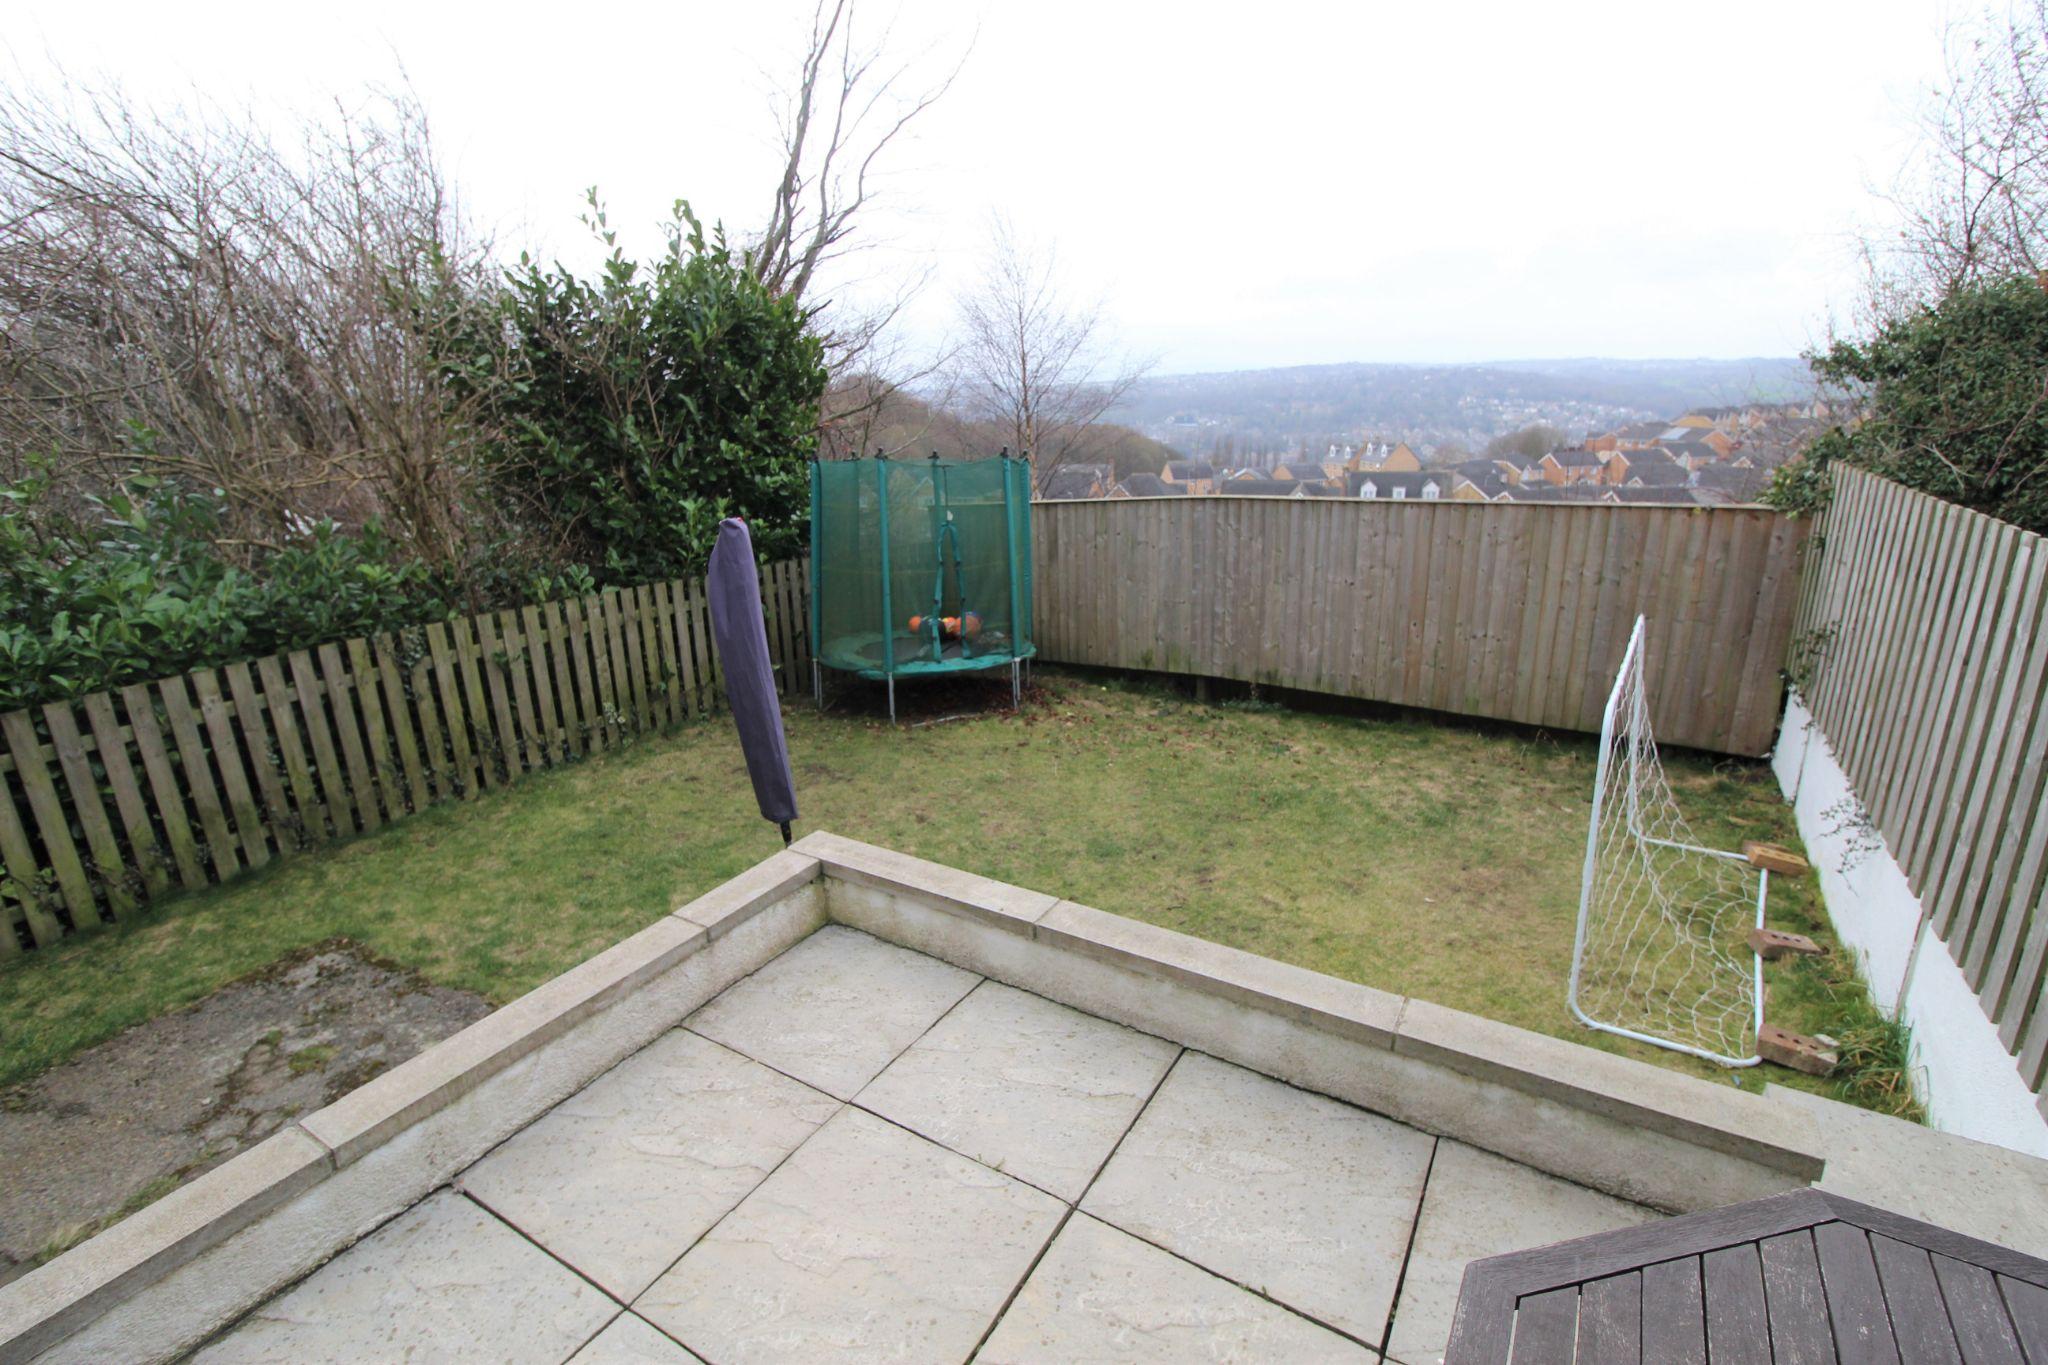 3 bedroom semi-detached house SSTC in Shipley - Rear garden